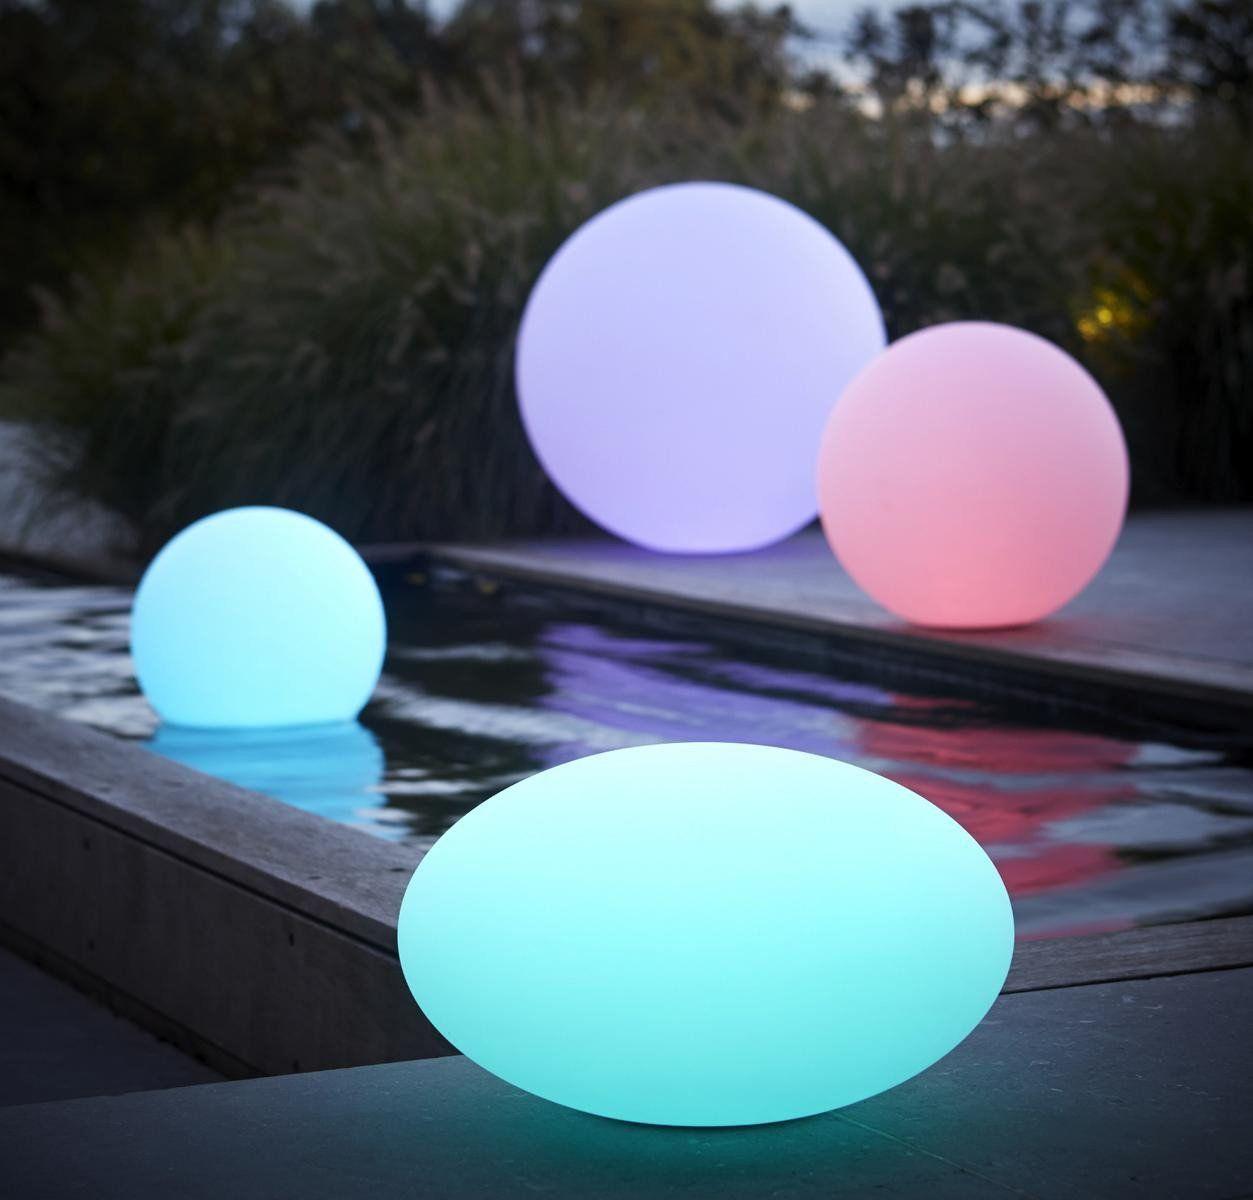 Canalcncarauca - Décoration Intérieure Idées De Meubles destiné Sphere Lumineuse Jardin